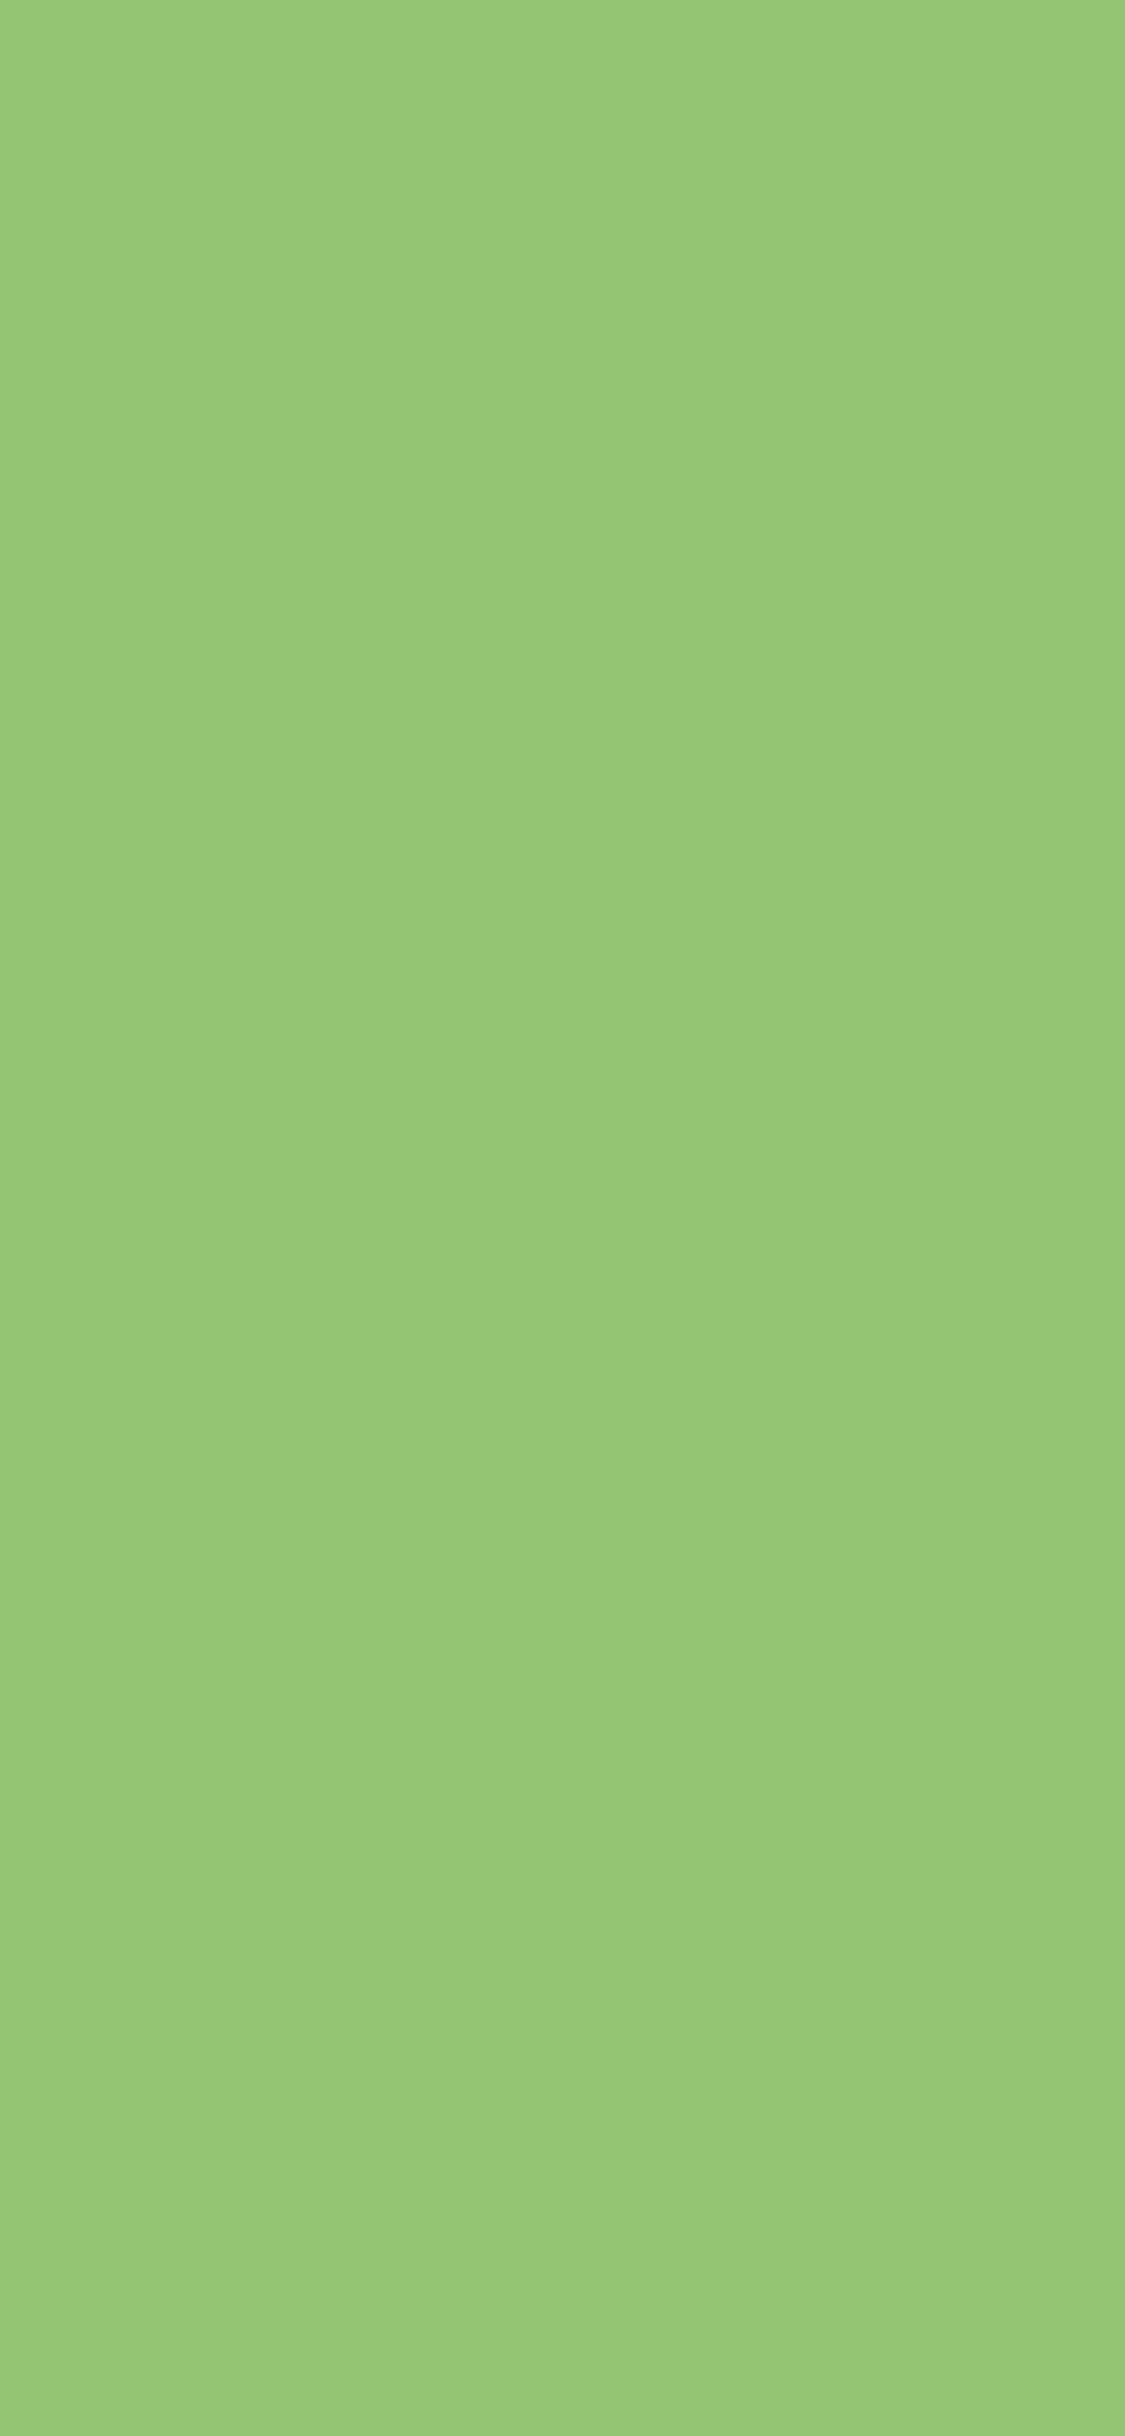 1125x2436 Pistachio Solid Color Background